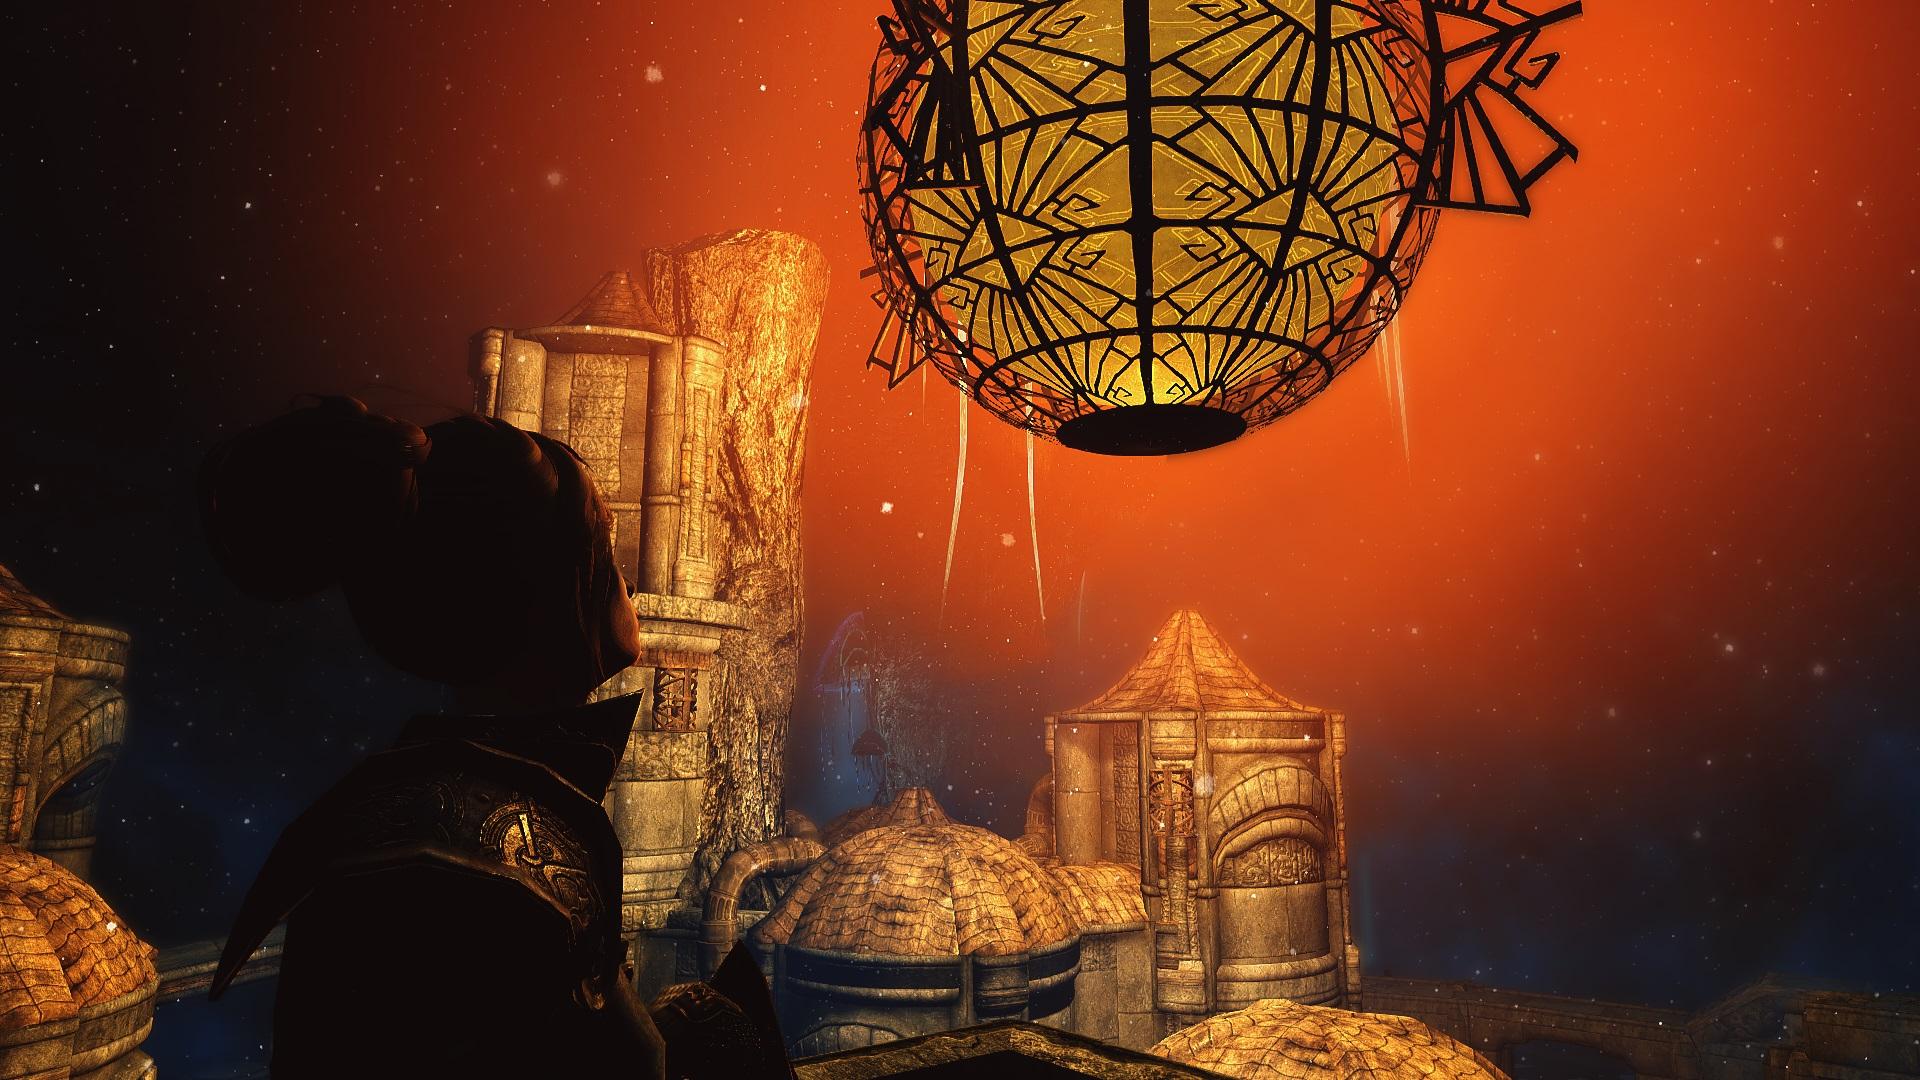 Sun - Elder Scrolls 5: Skyrim, the